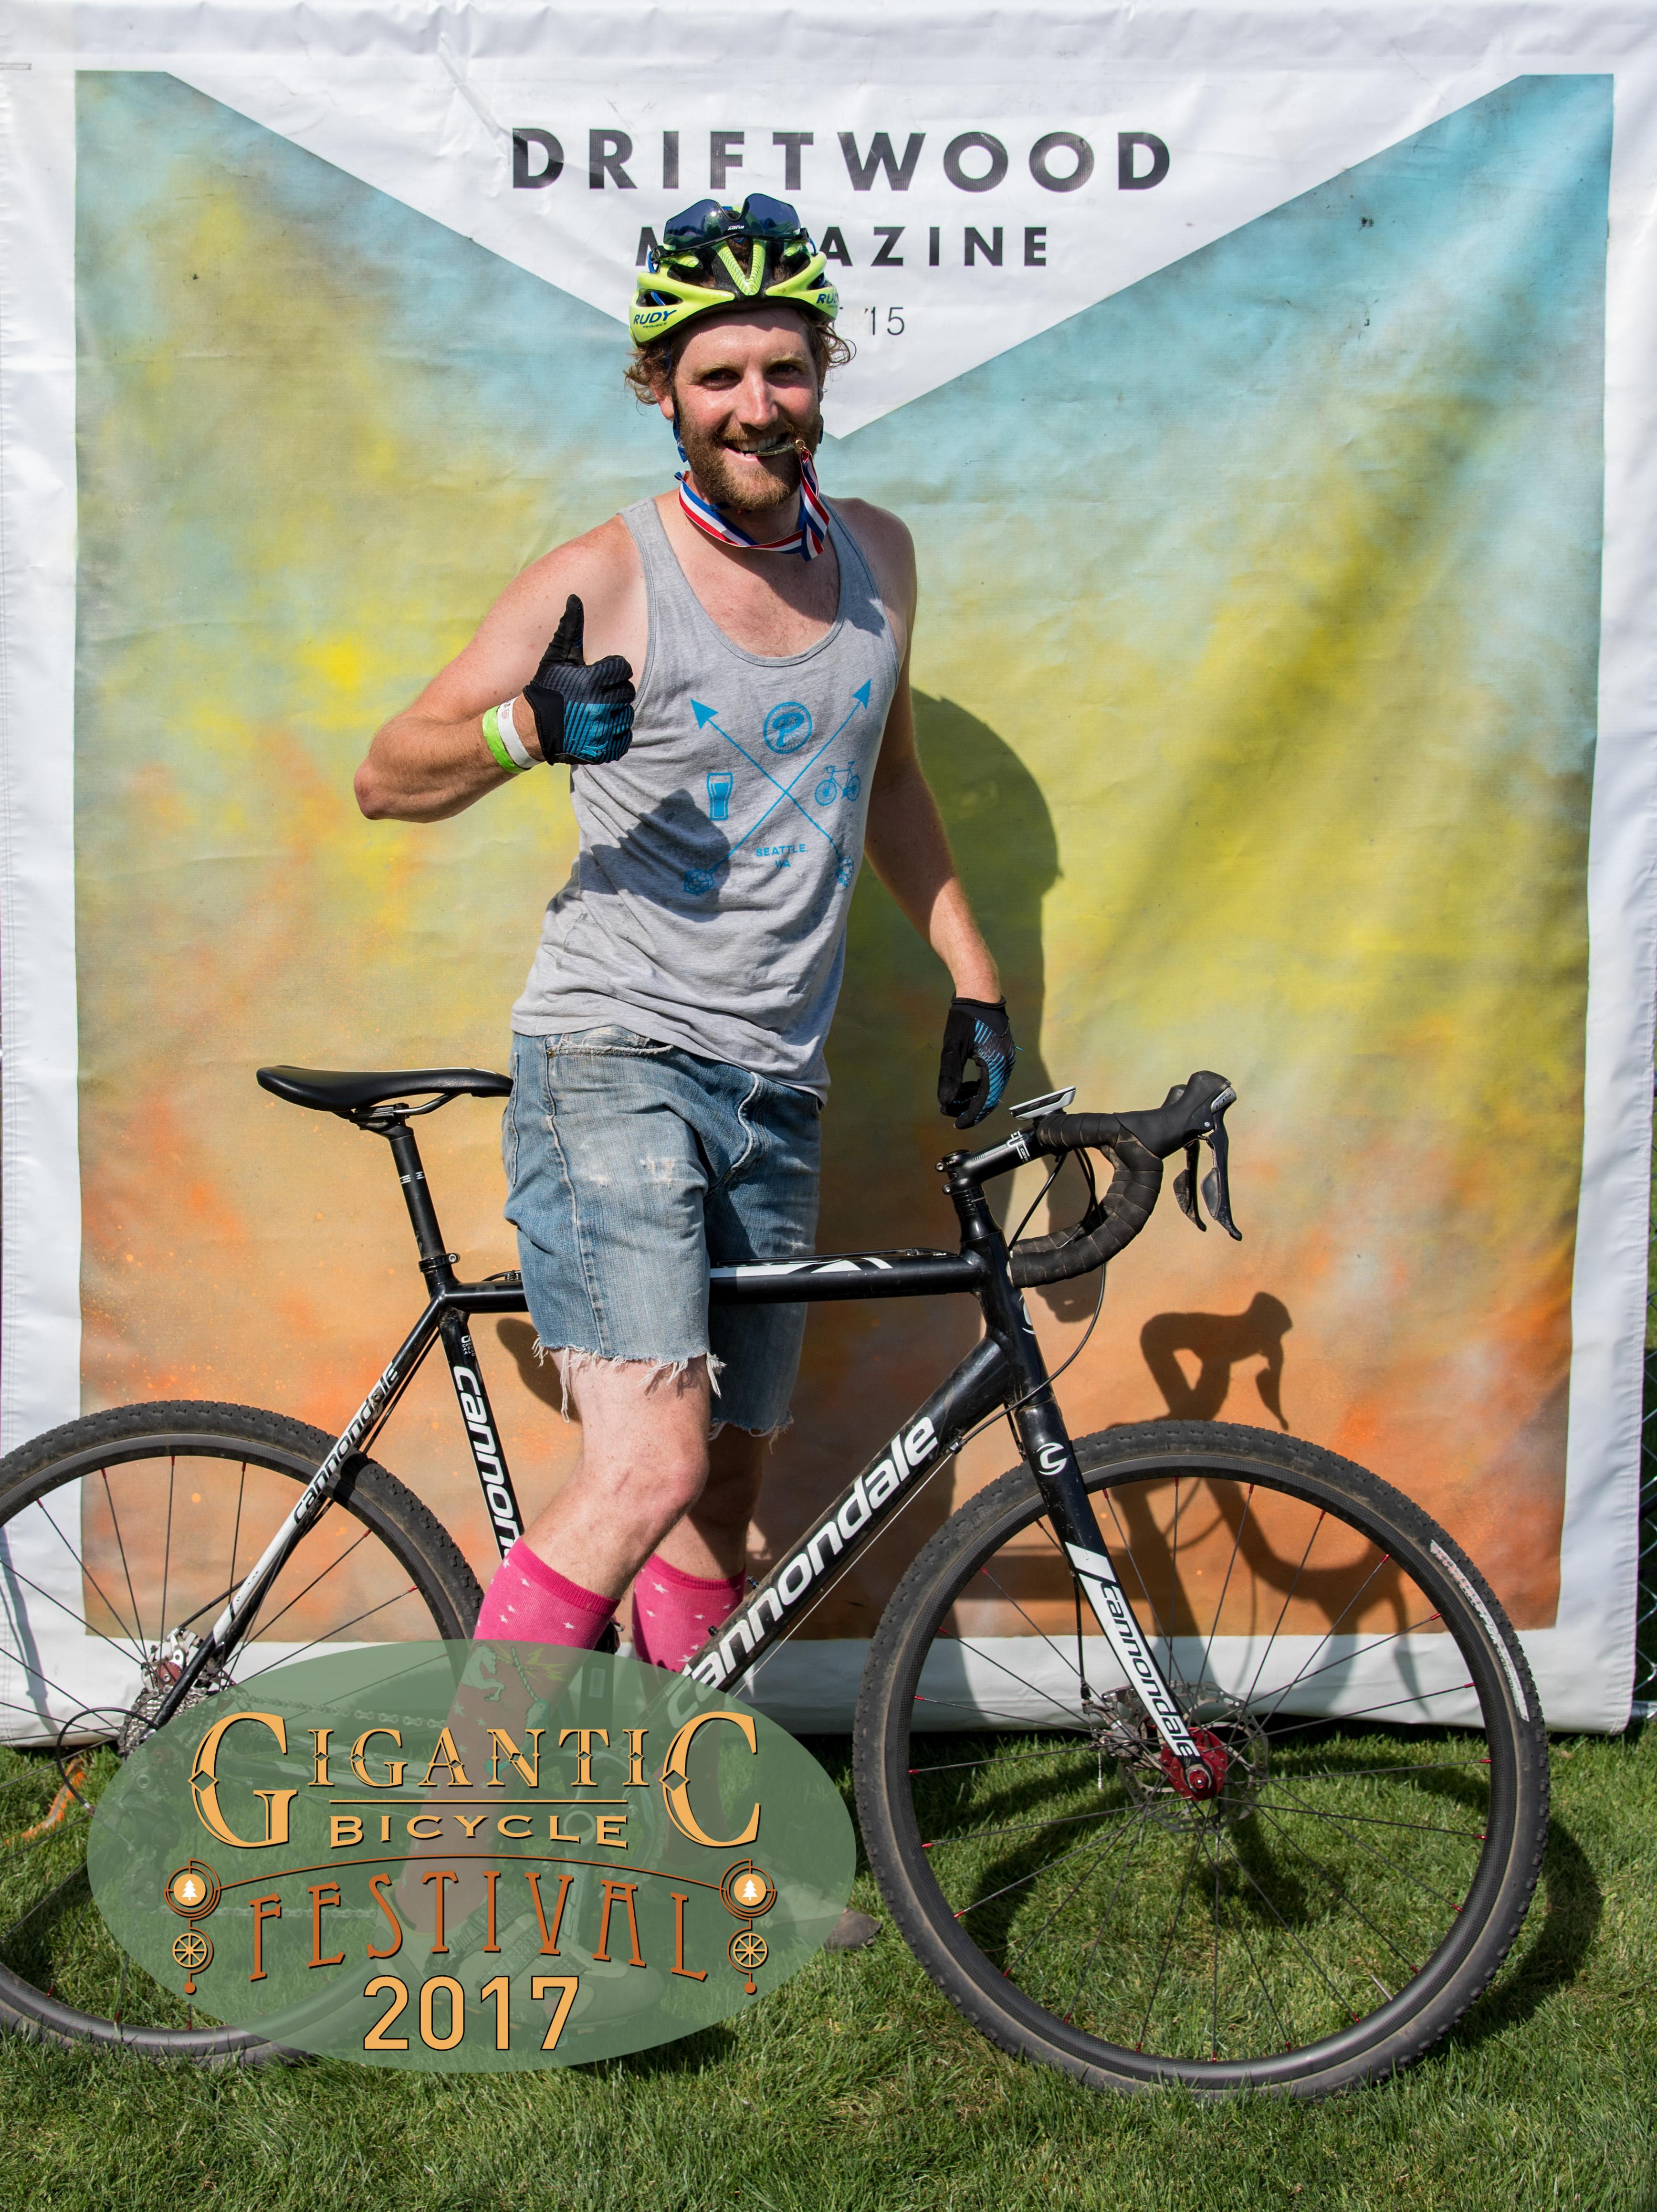 Driftwood Magazine_Gigantic Bike Fest-10.jpg